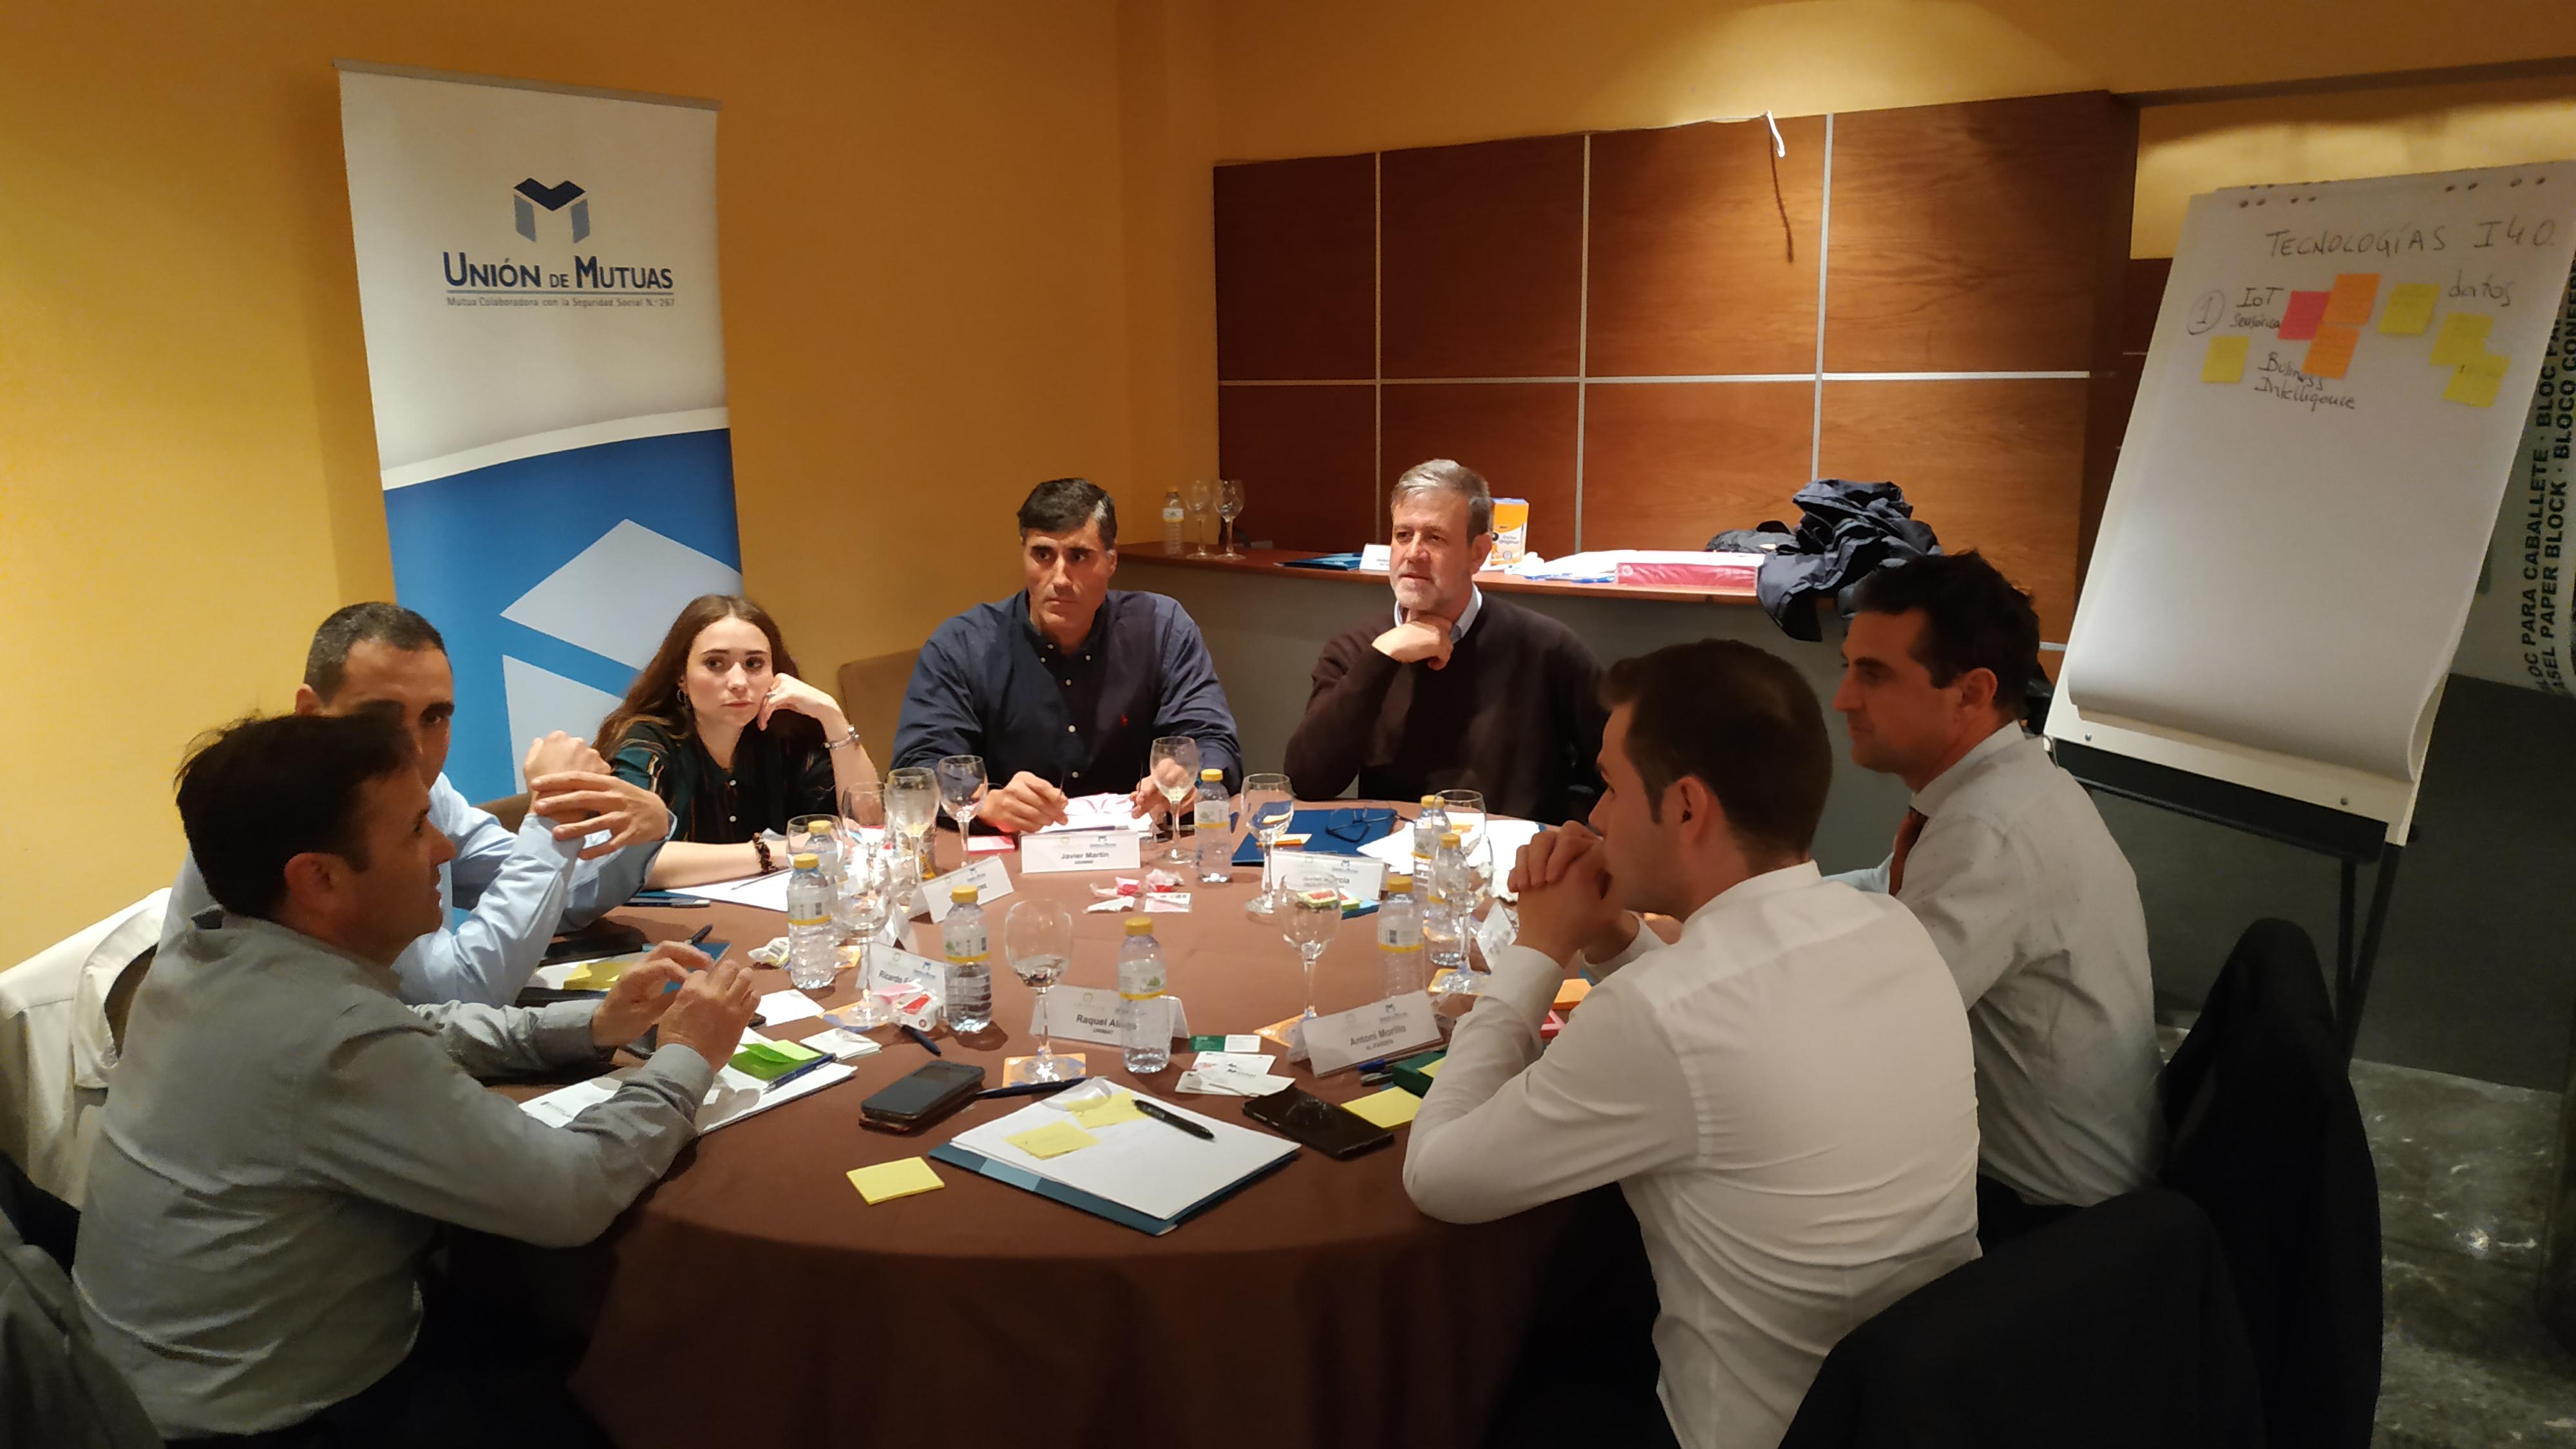 Laboralia 2019 round table